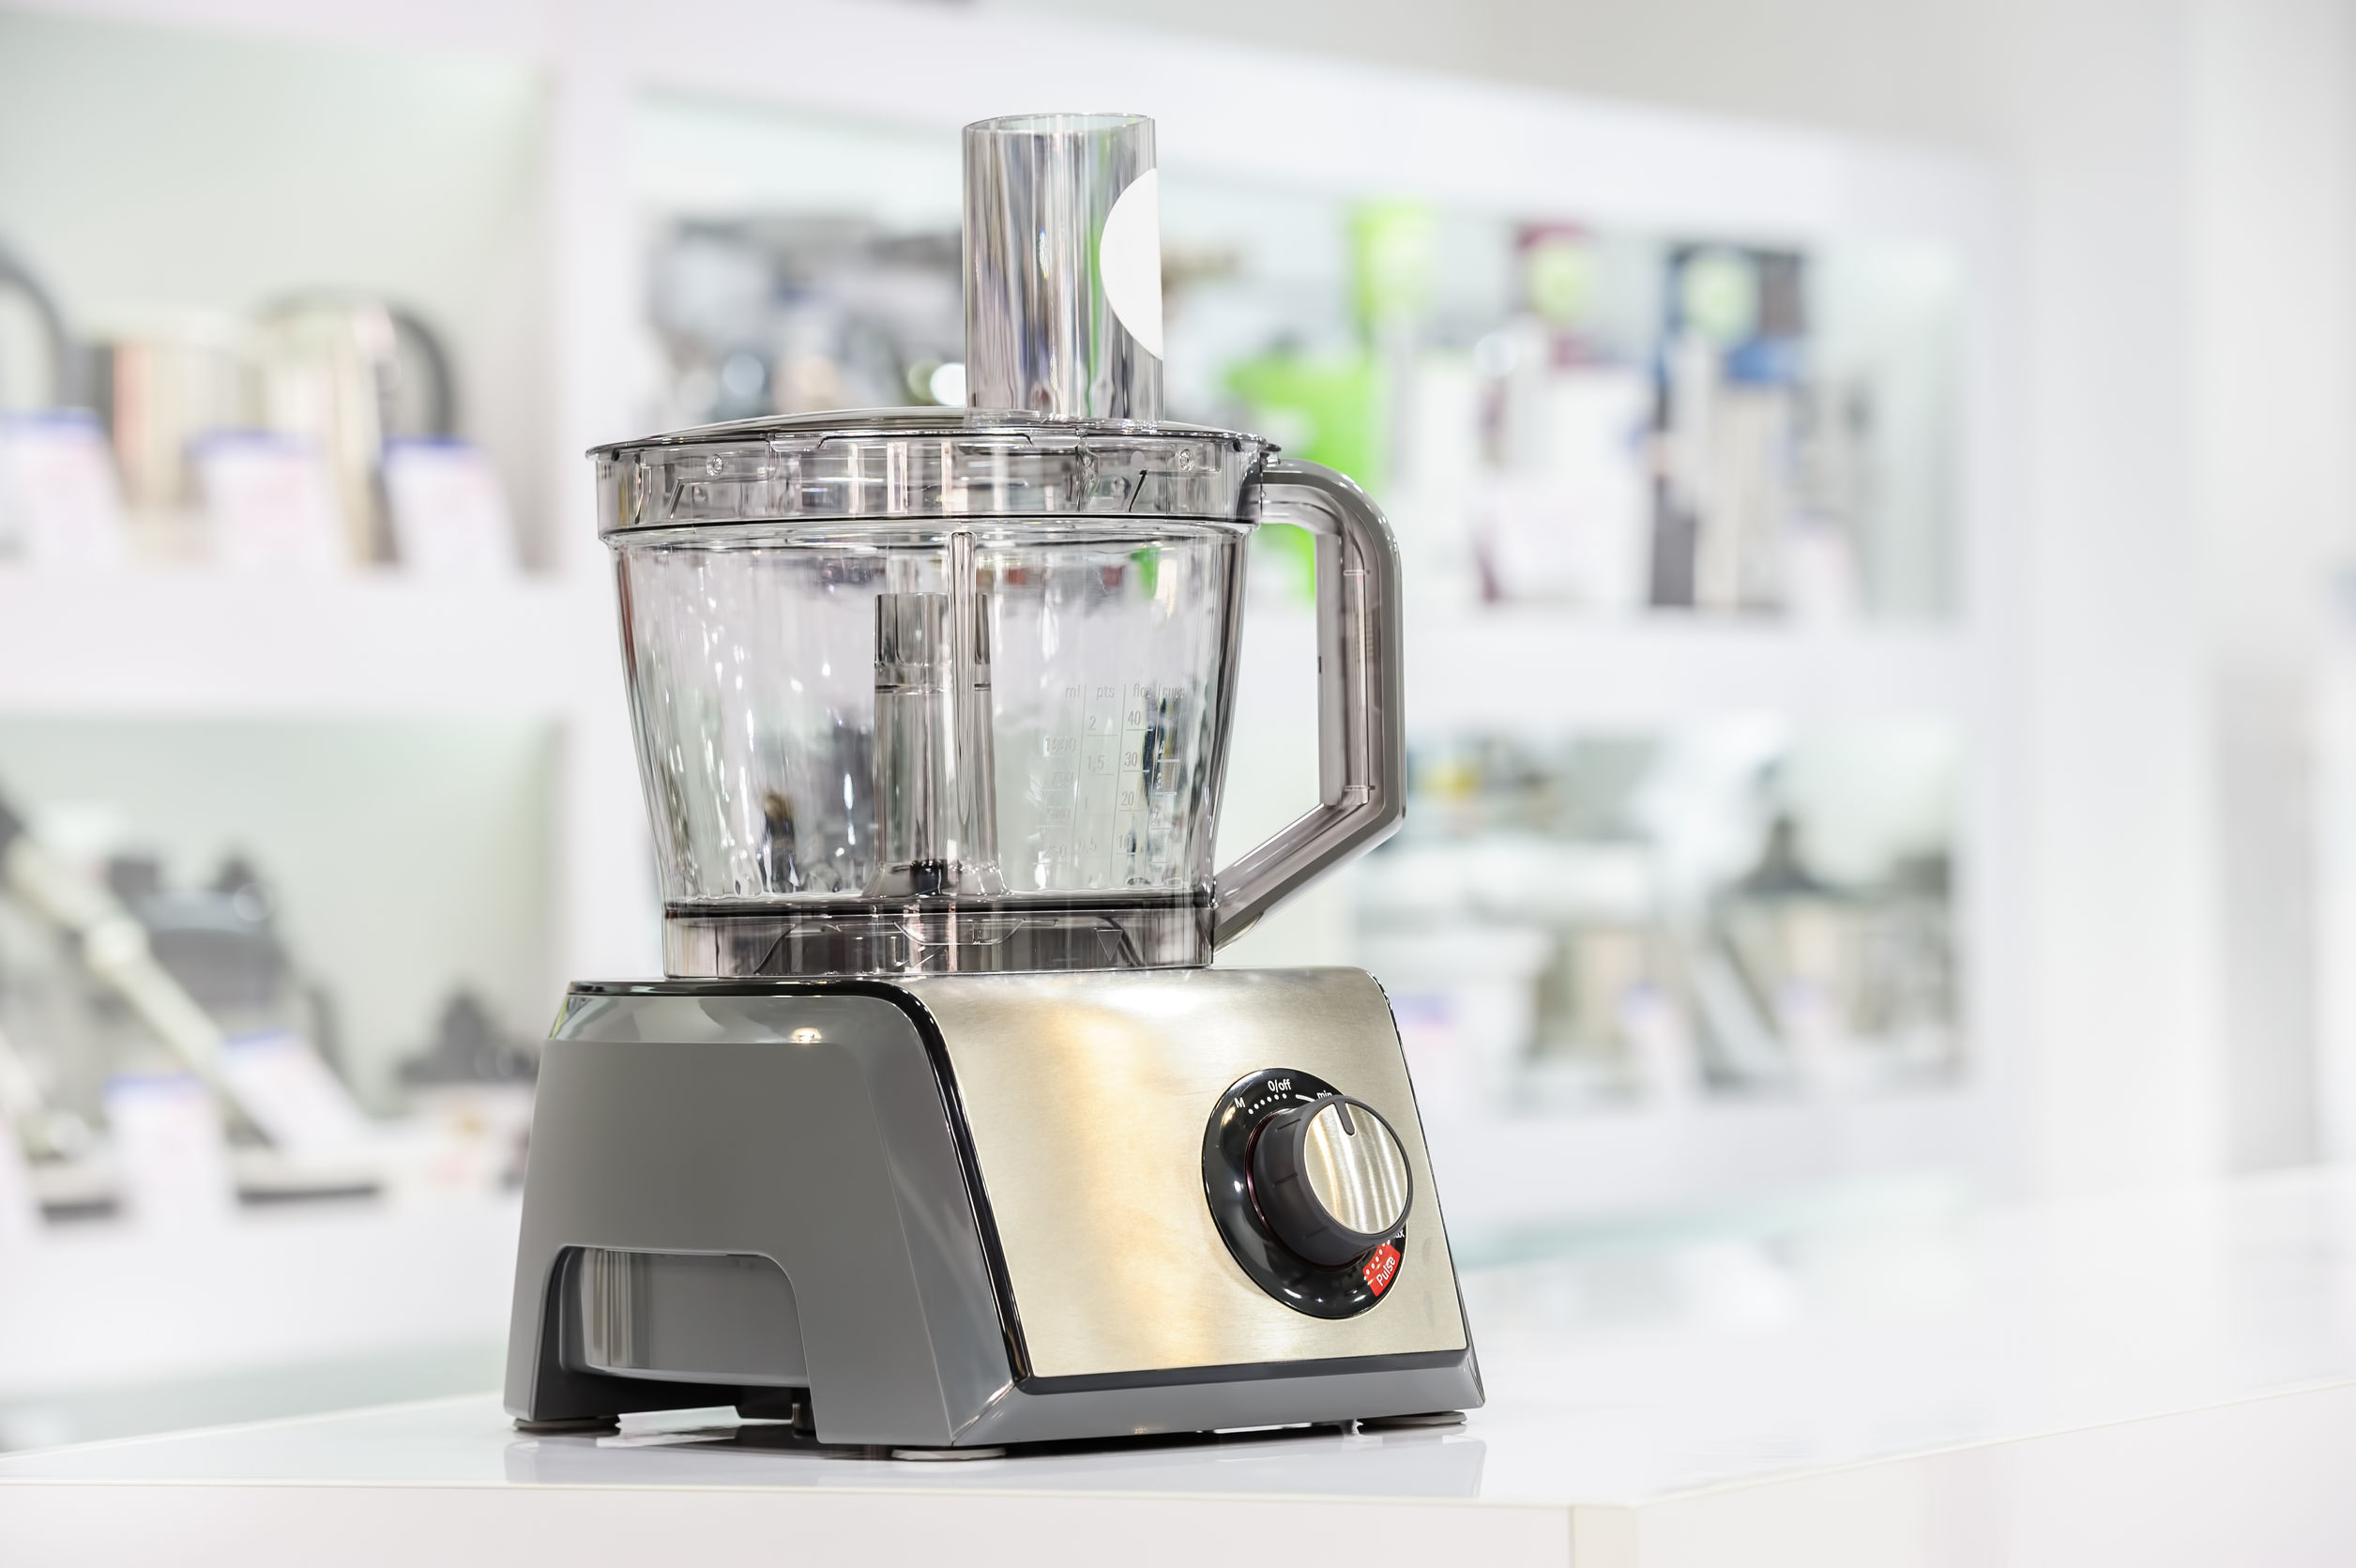 Braun Küchenmaschine: Test & Empfehlungen (09/21)